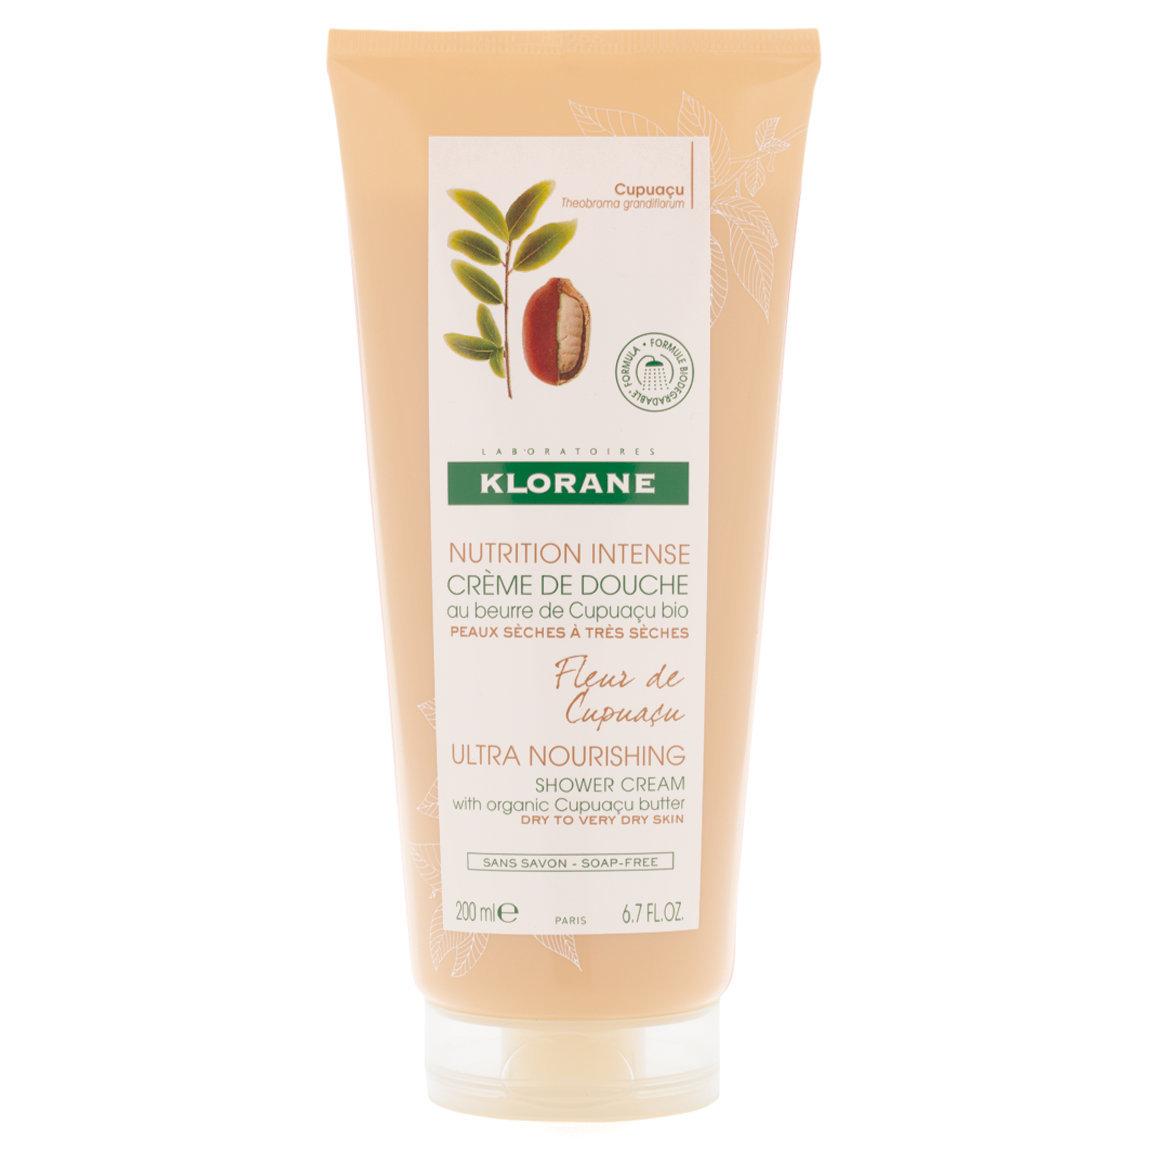 Klorane Cupuacu Flower Shower Cream With Cupuacu Butter 6 7 Fl Oz